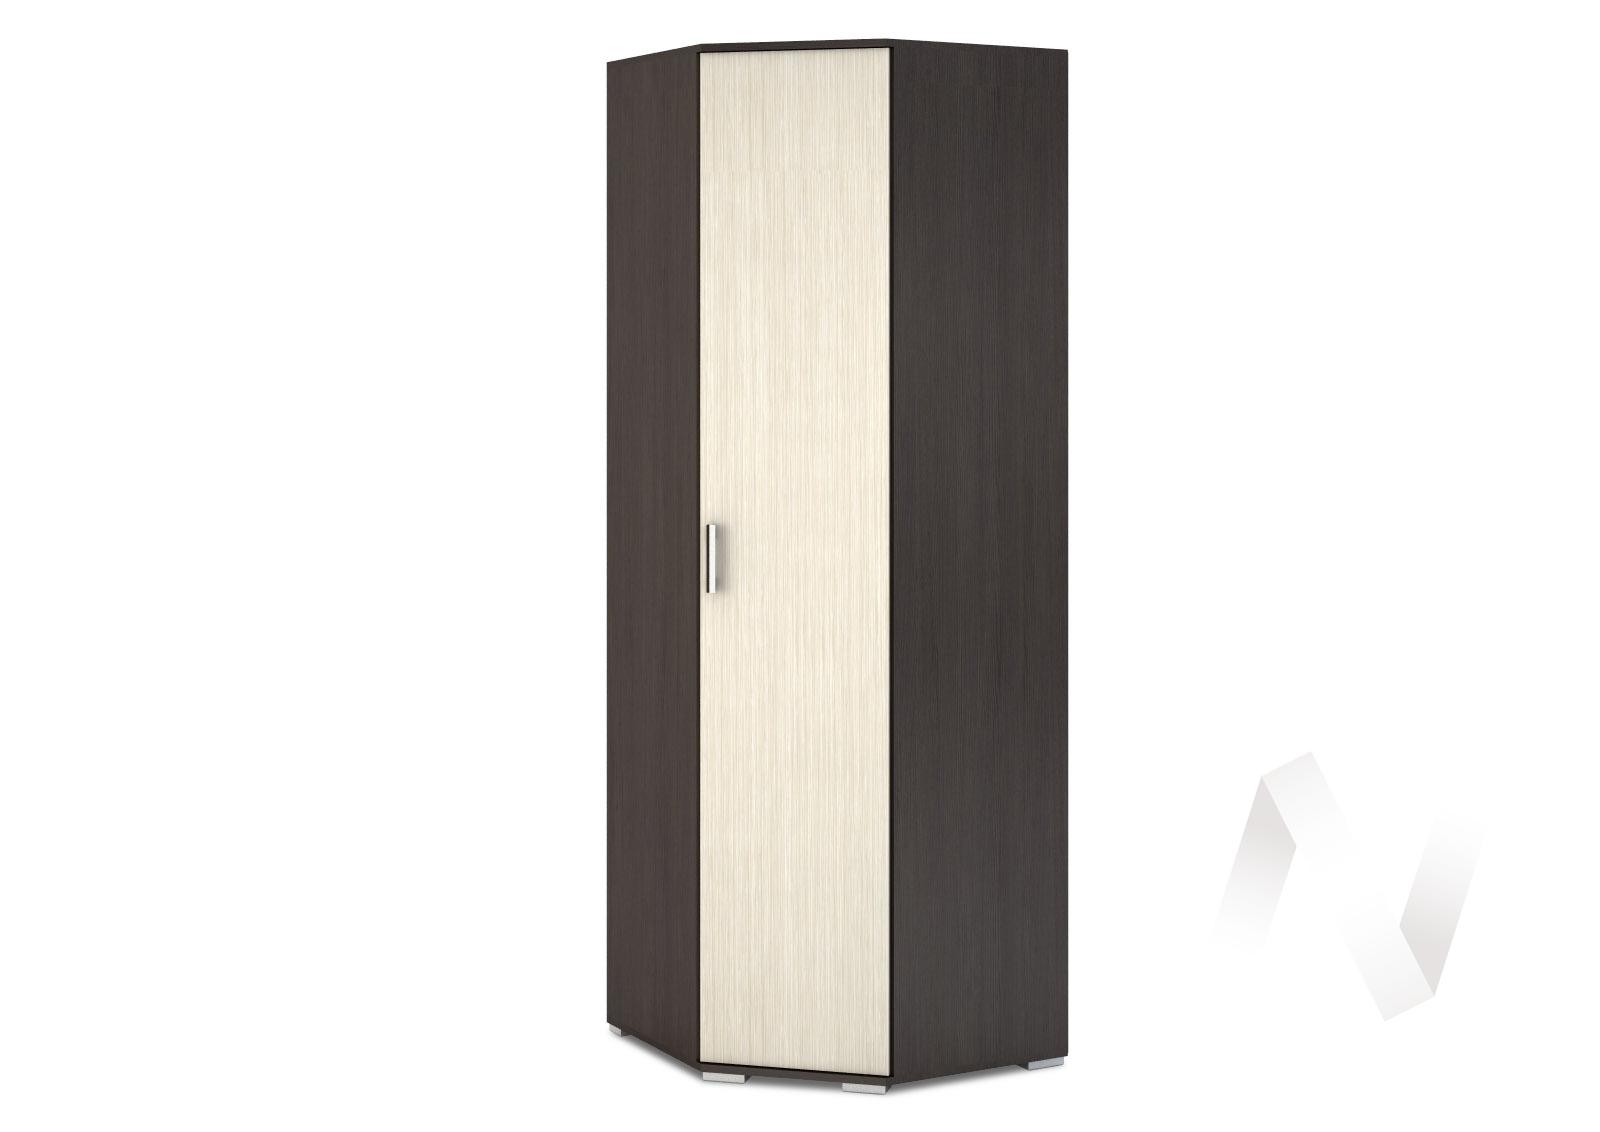 Шкаф угловой Рошель (венге/дуб белфорд) ШК-804